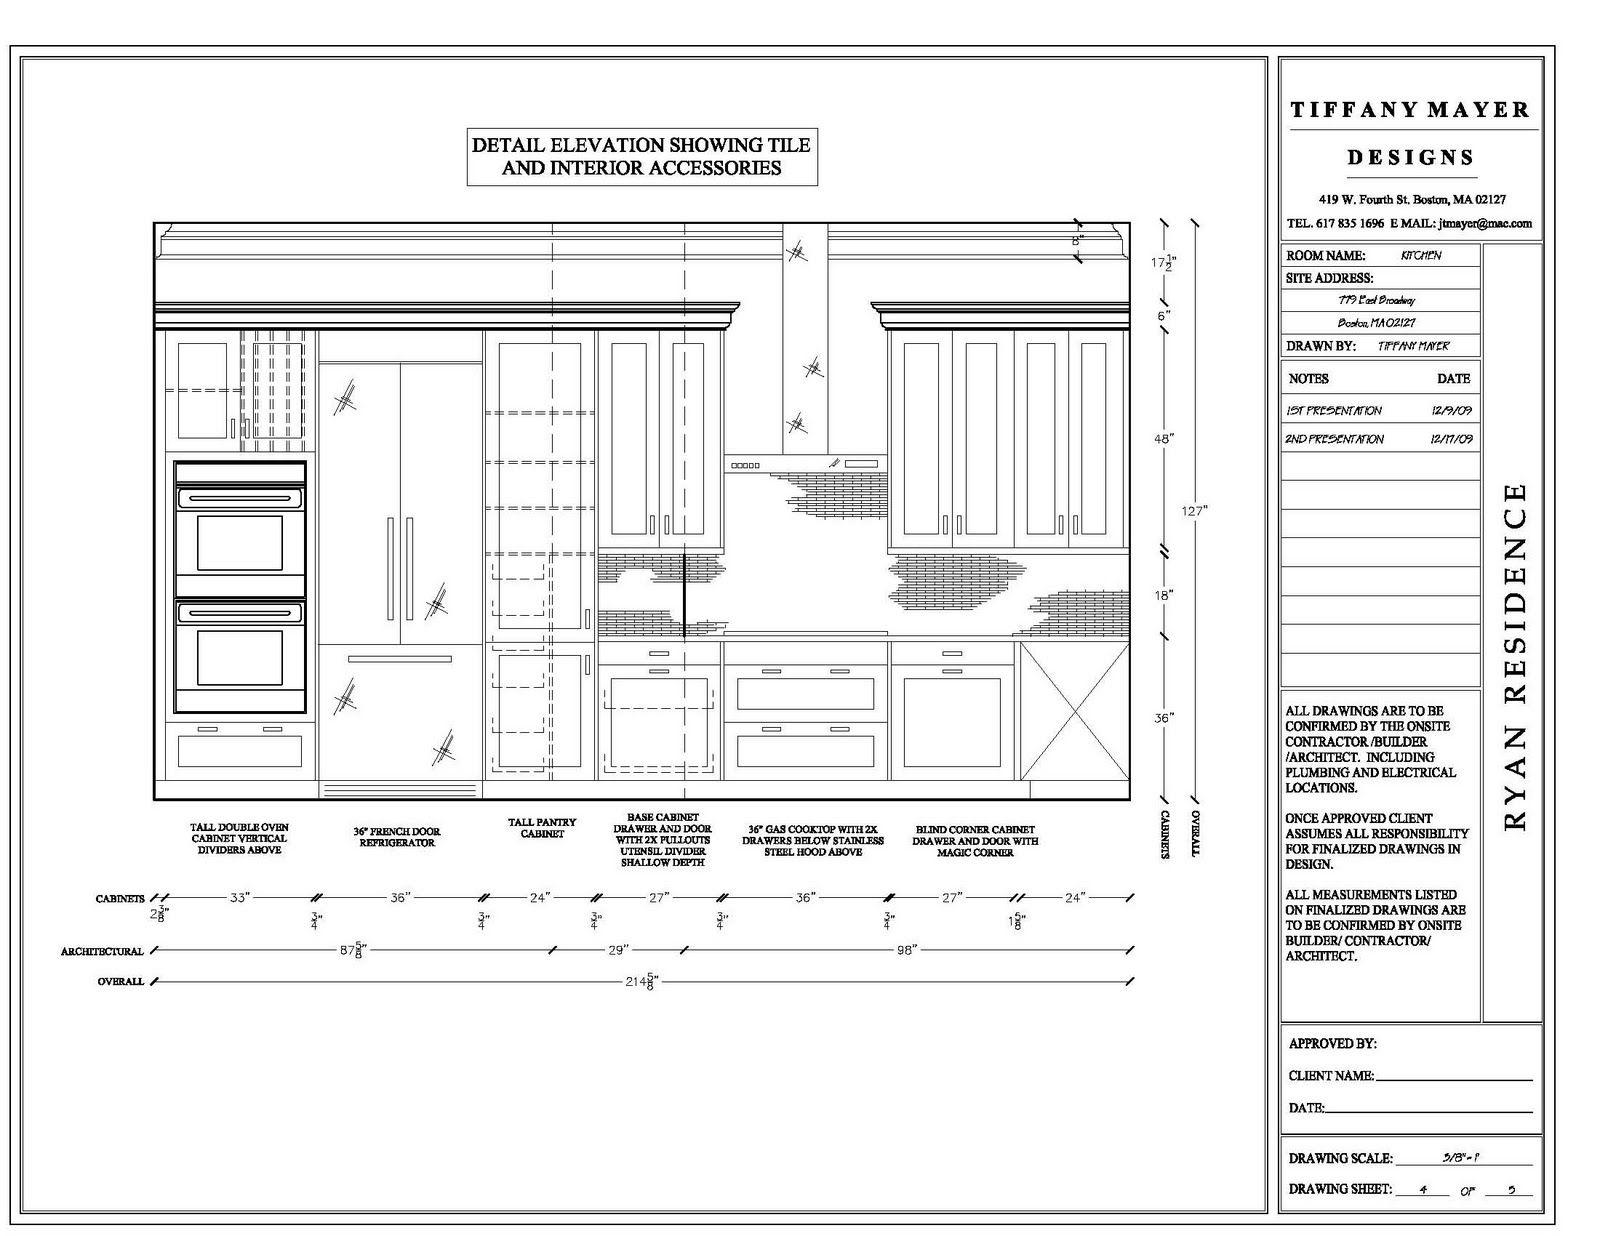 Ryan Kitchen Elevation 3 12 17 09 Jpg 1600 1236 Furniture